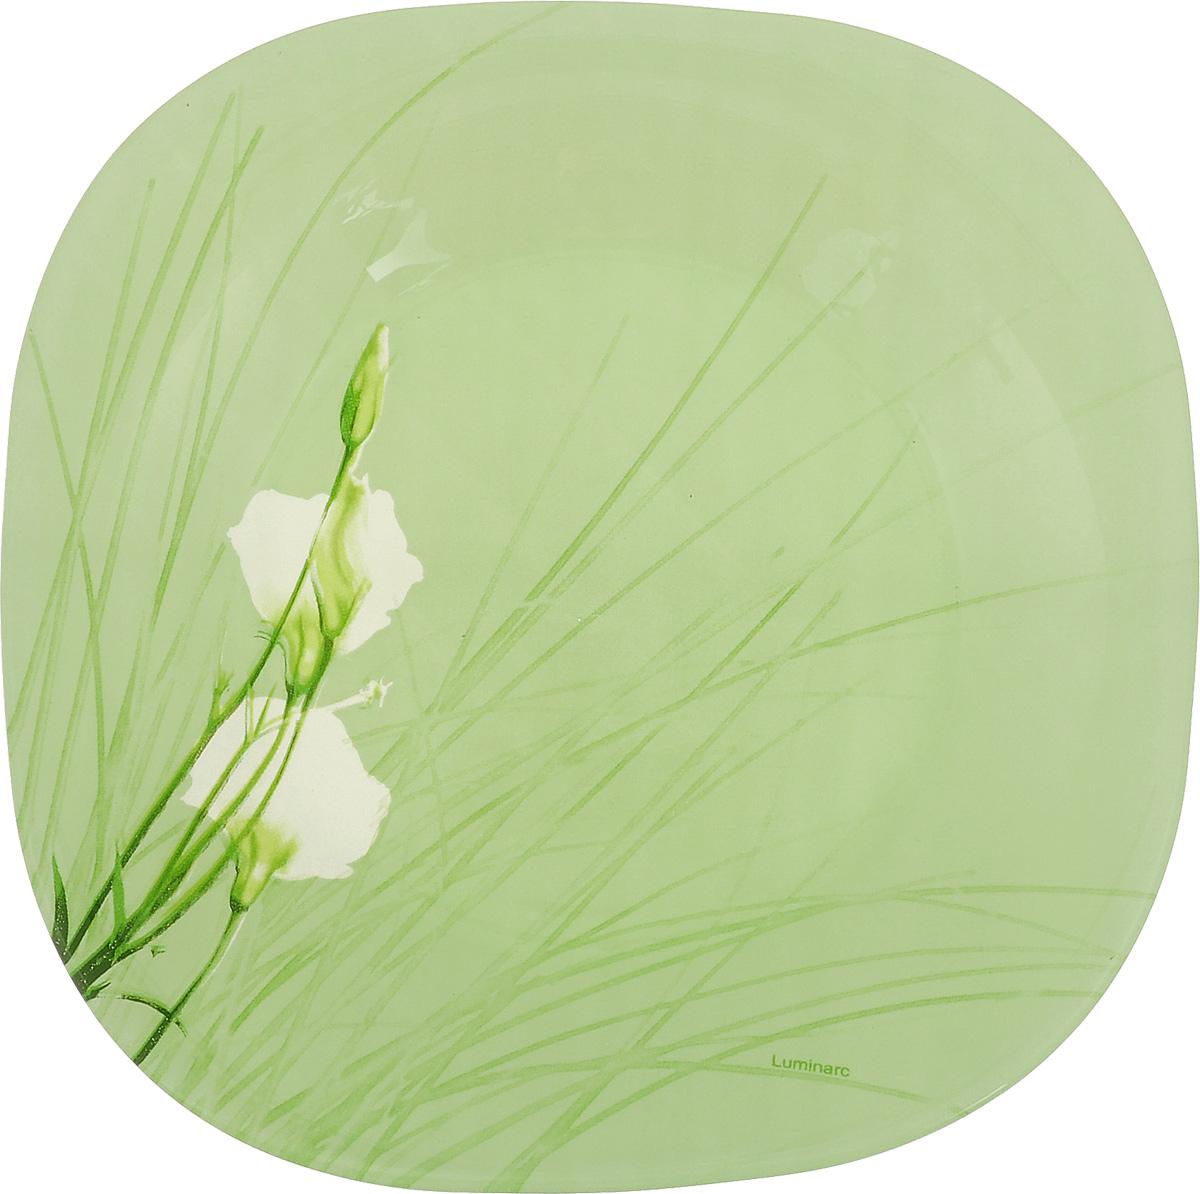 Тарелка десертная Luminarc Sofiane, цвет: зеленый, 18 х 18 см115510Десертная тарелка Luminarc Sofiane, изготовленная из ударопрочного стекла, декорирована ярким рисунком. Такая тарелка прекрасно подходит как для торжественных случаев, так и для повседневного использования. Идеальна для подачи десертов, пирожных, тортов и многого другого. Она прекрасно оформит стол и станет отличным дополнением к вашей коллекции кухонной посуды. Размер тарелки (по верхнему краю): 18 см.